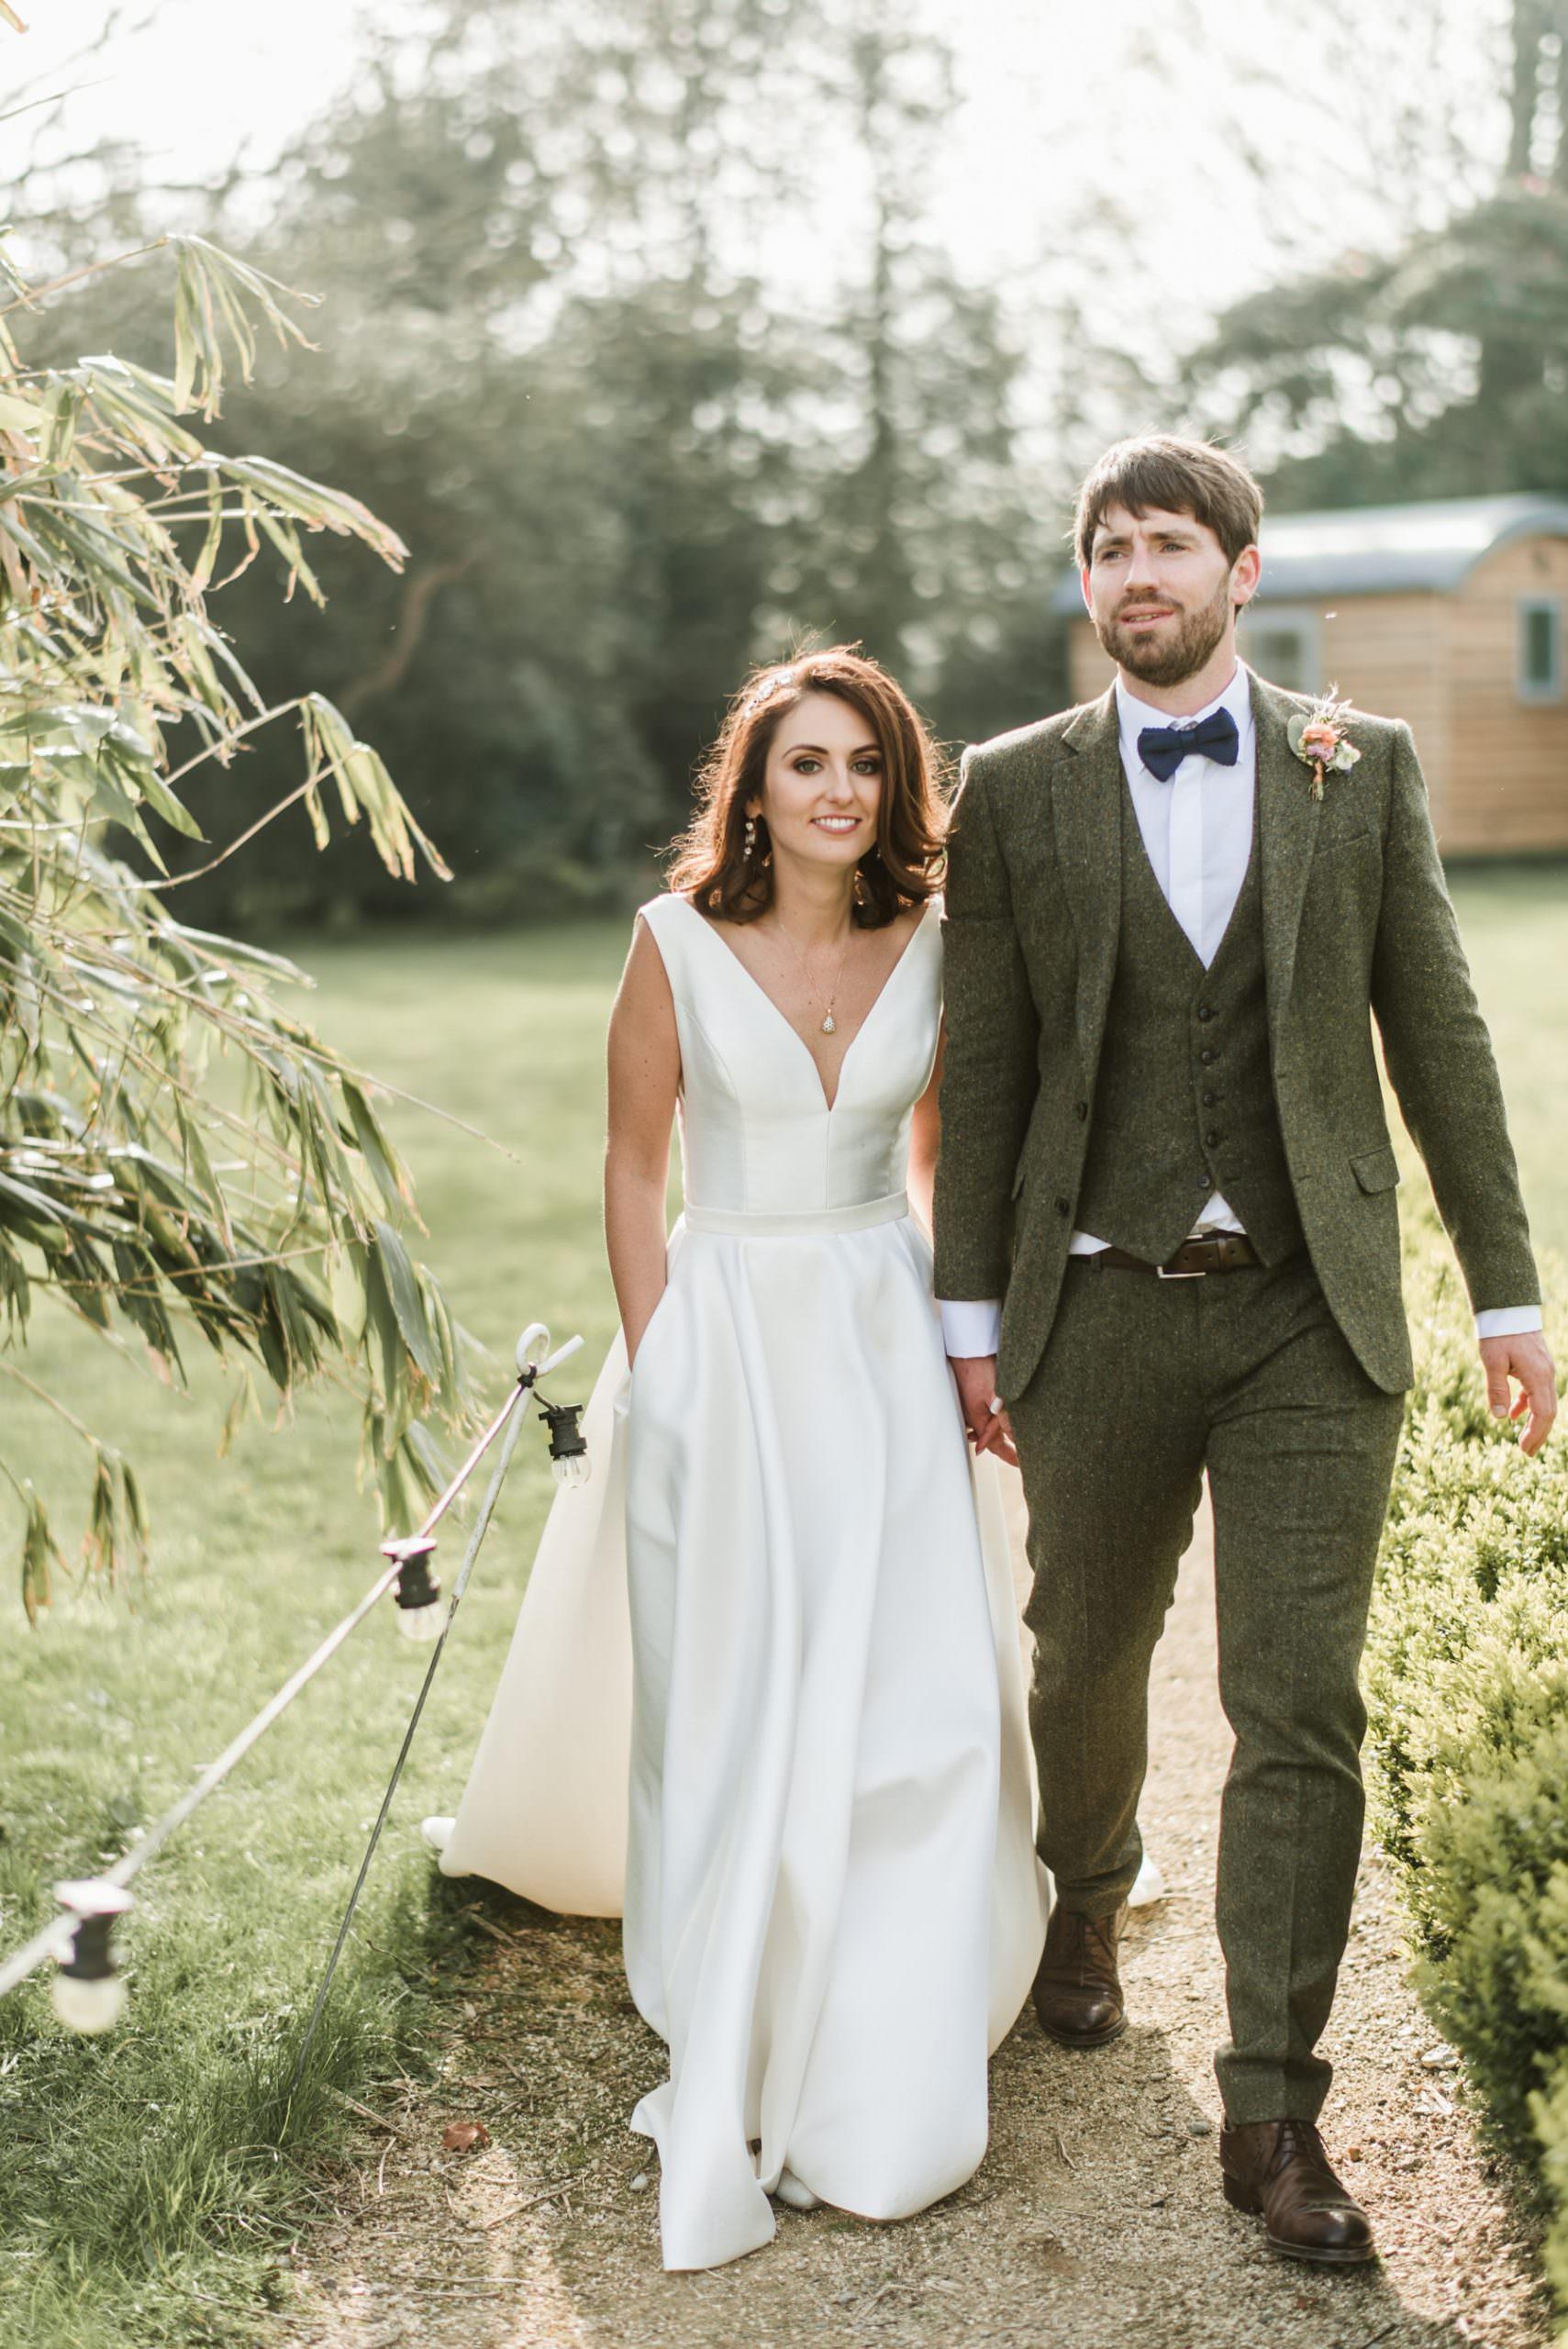 dublin wedding photographer, ireland, darek novak, sligo,alternative